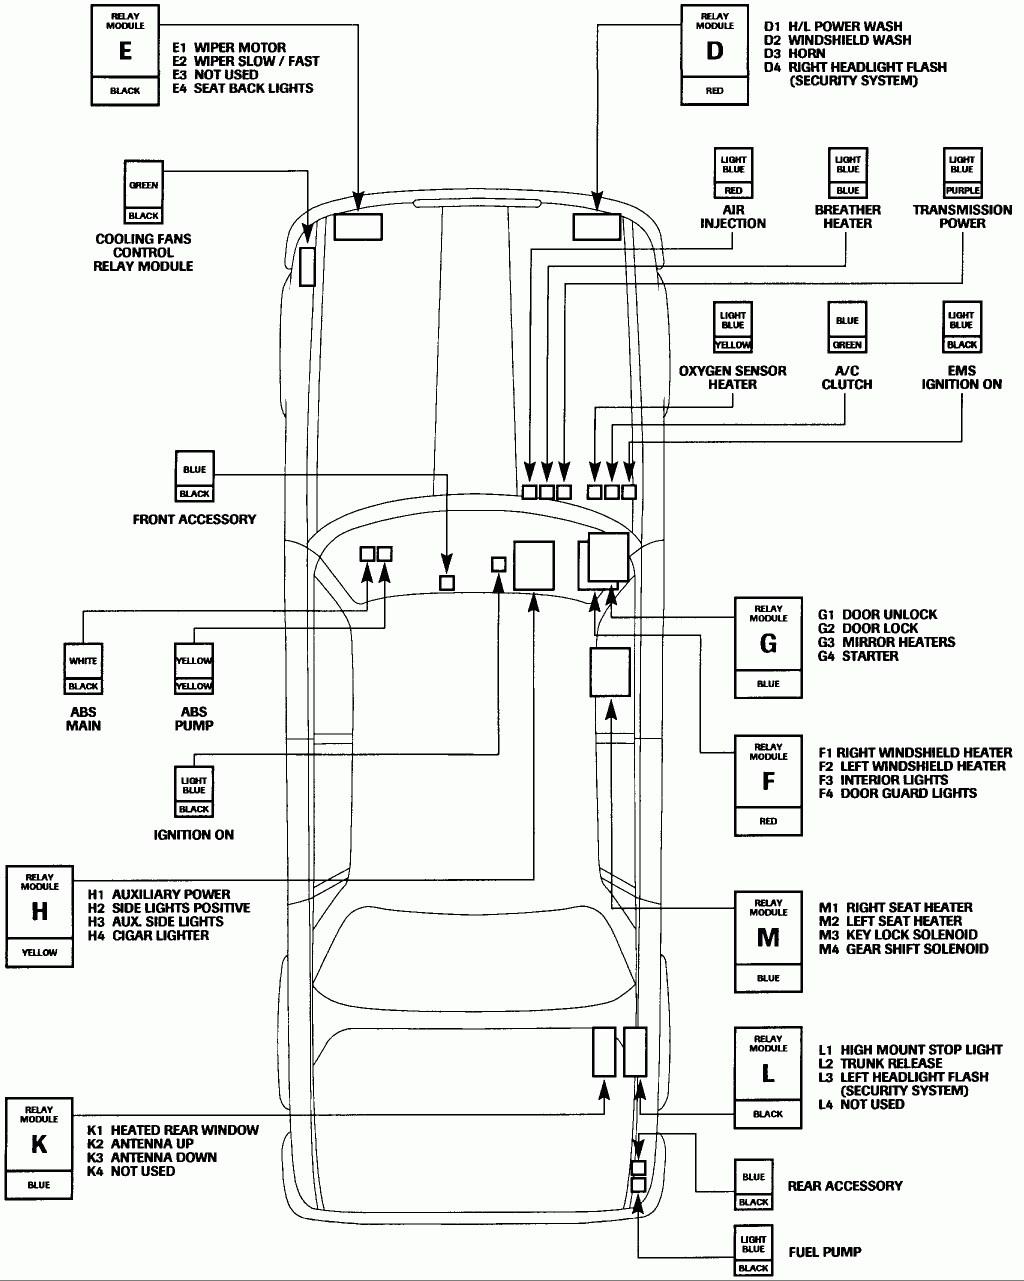 Jaguar Xj8 Engine Wiring Diagram - Wiring Diagram Replace rub-random -  rub-random.miramontiseo.it | 2005 Jaguar Xj Wiring Diagram |  | rub-random.miramontiseo.it